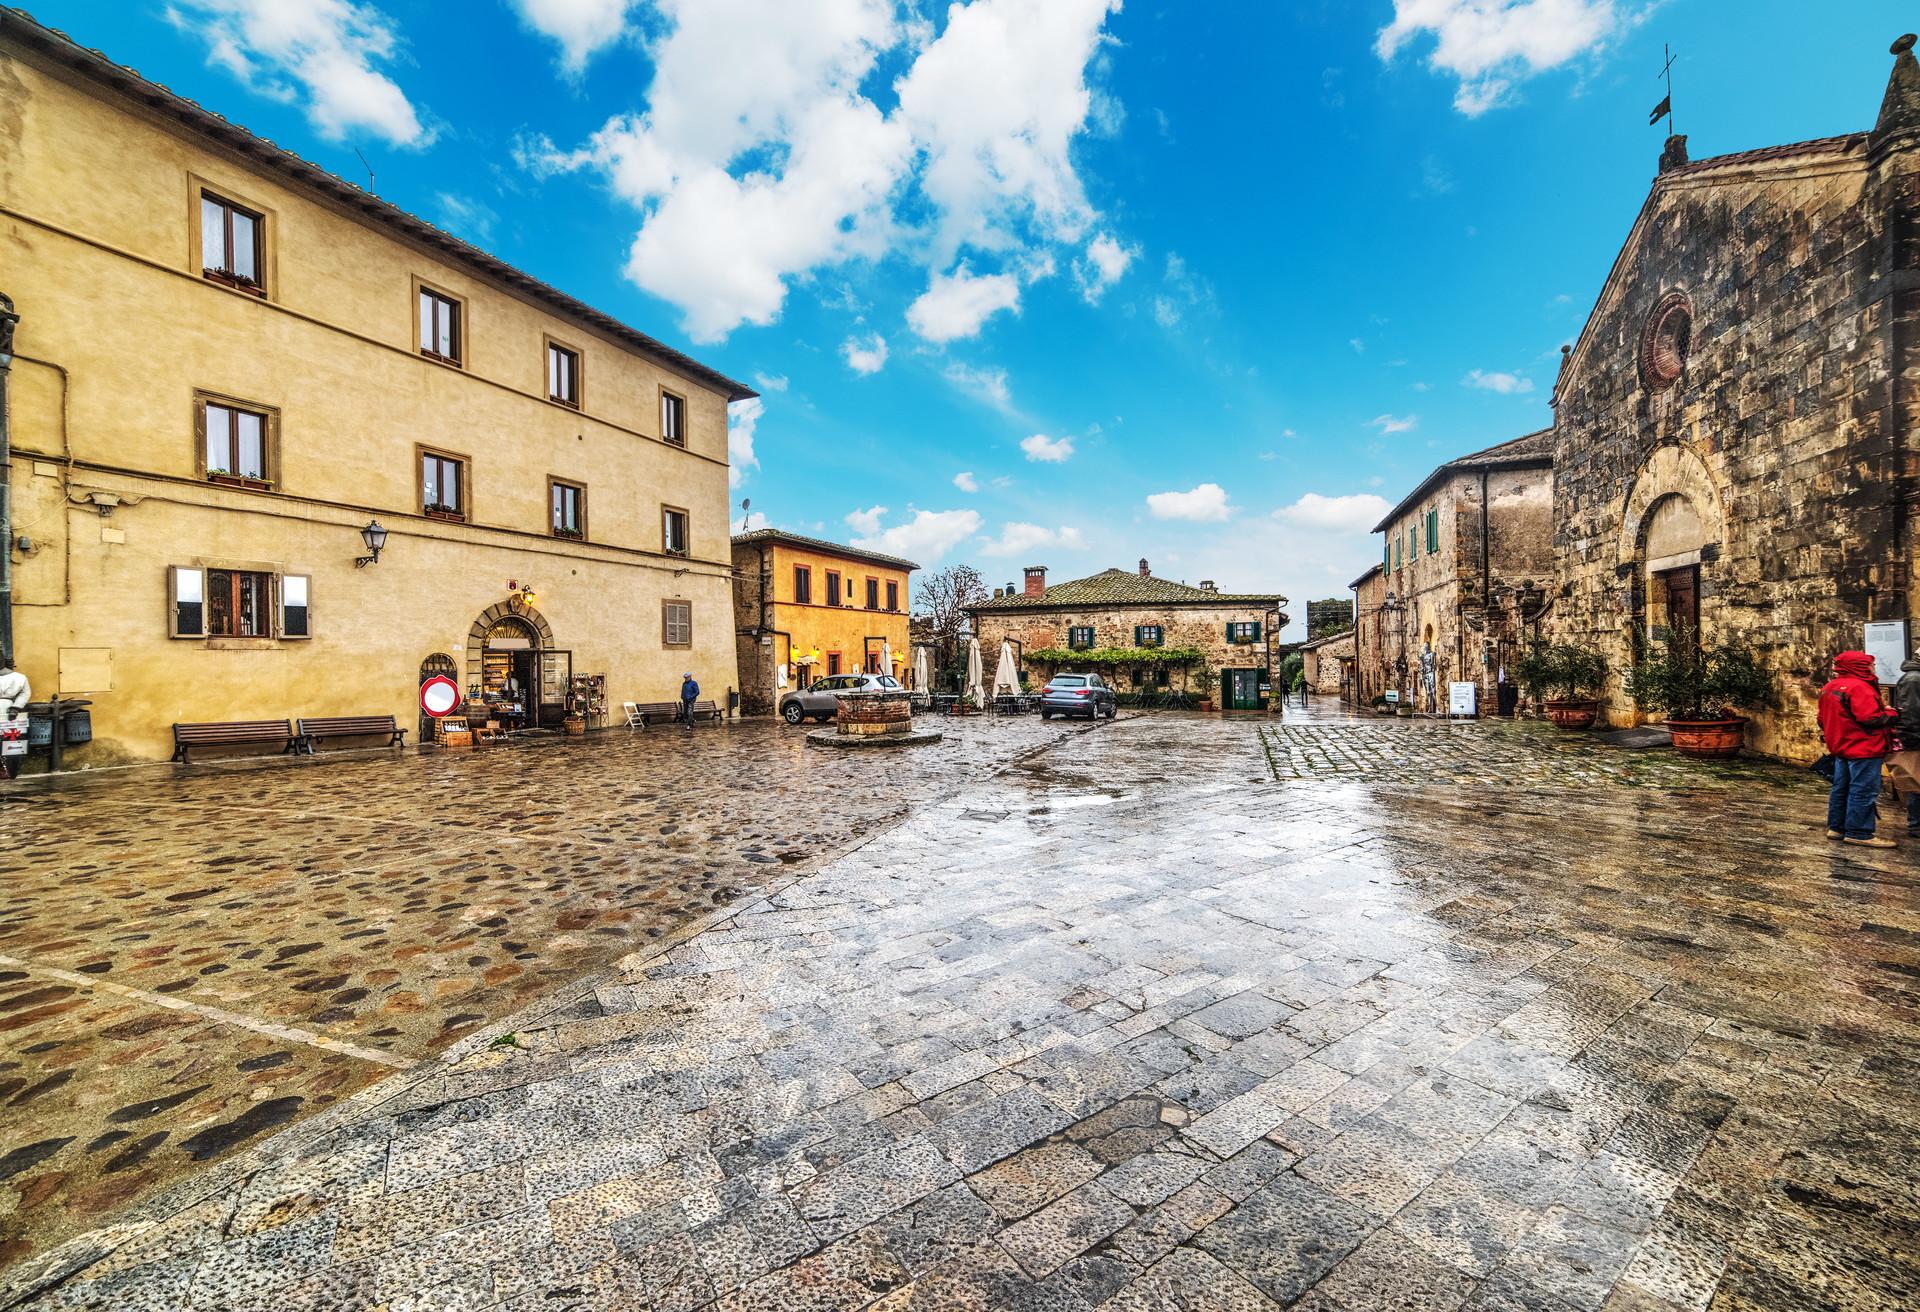 La jolie ville médiévale de Monteriggioni